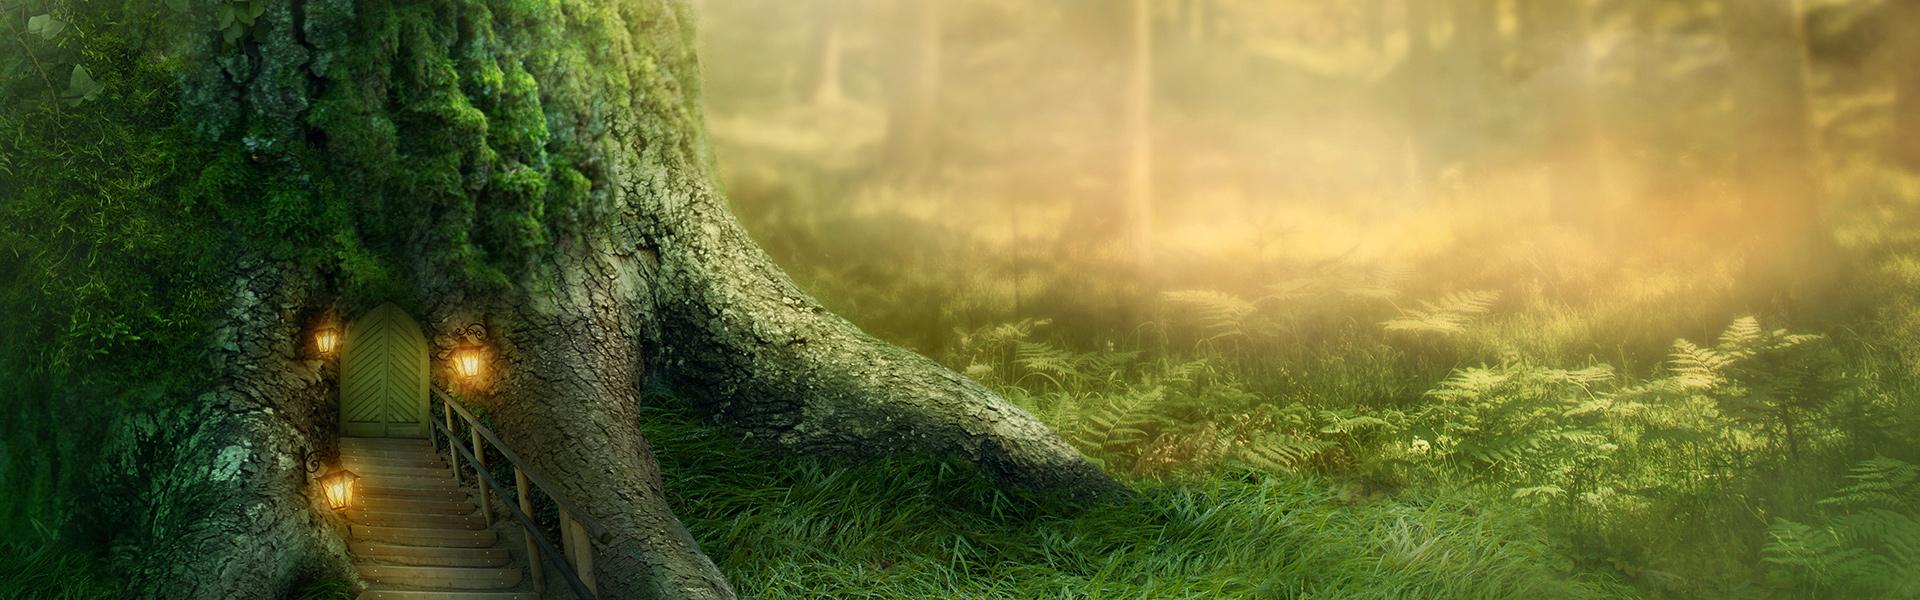 arbre le paysage forest l u00e9zard contexte de l u0026 39 eau park de l u0026 39 herbe image de fond pour le